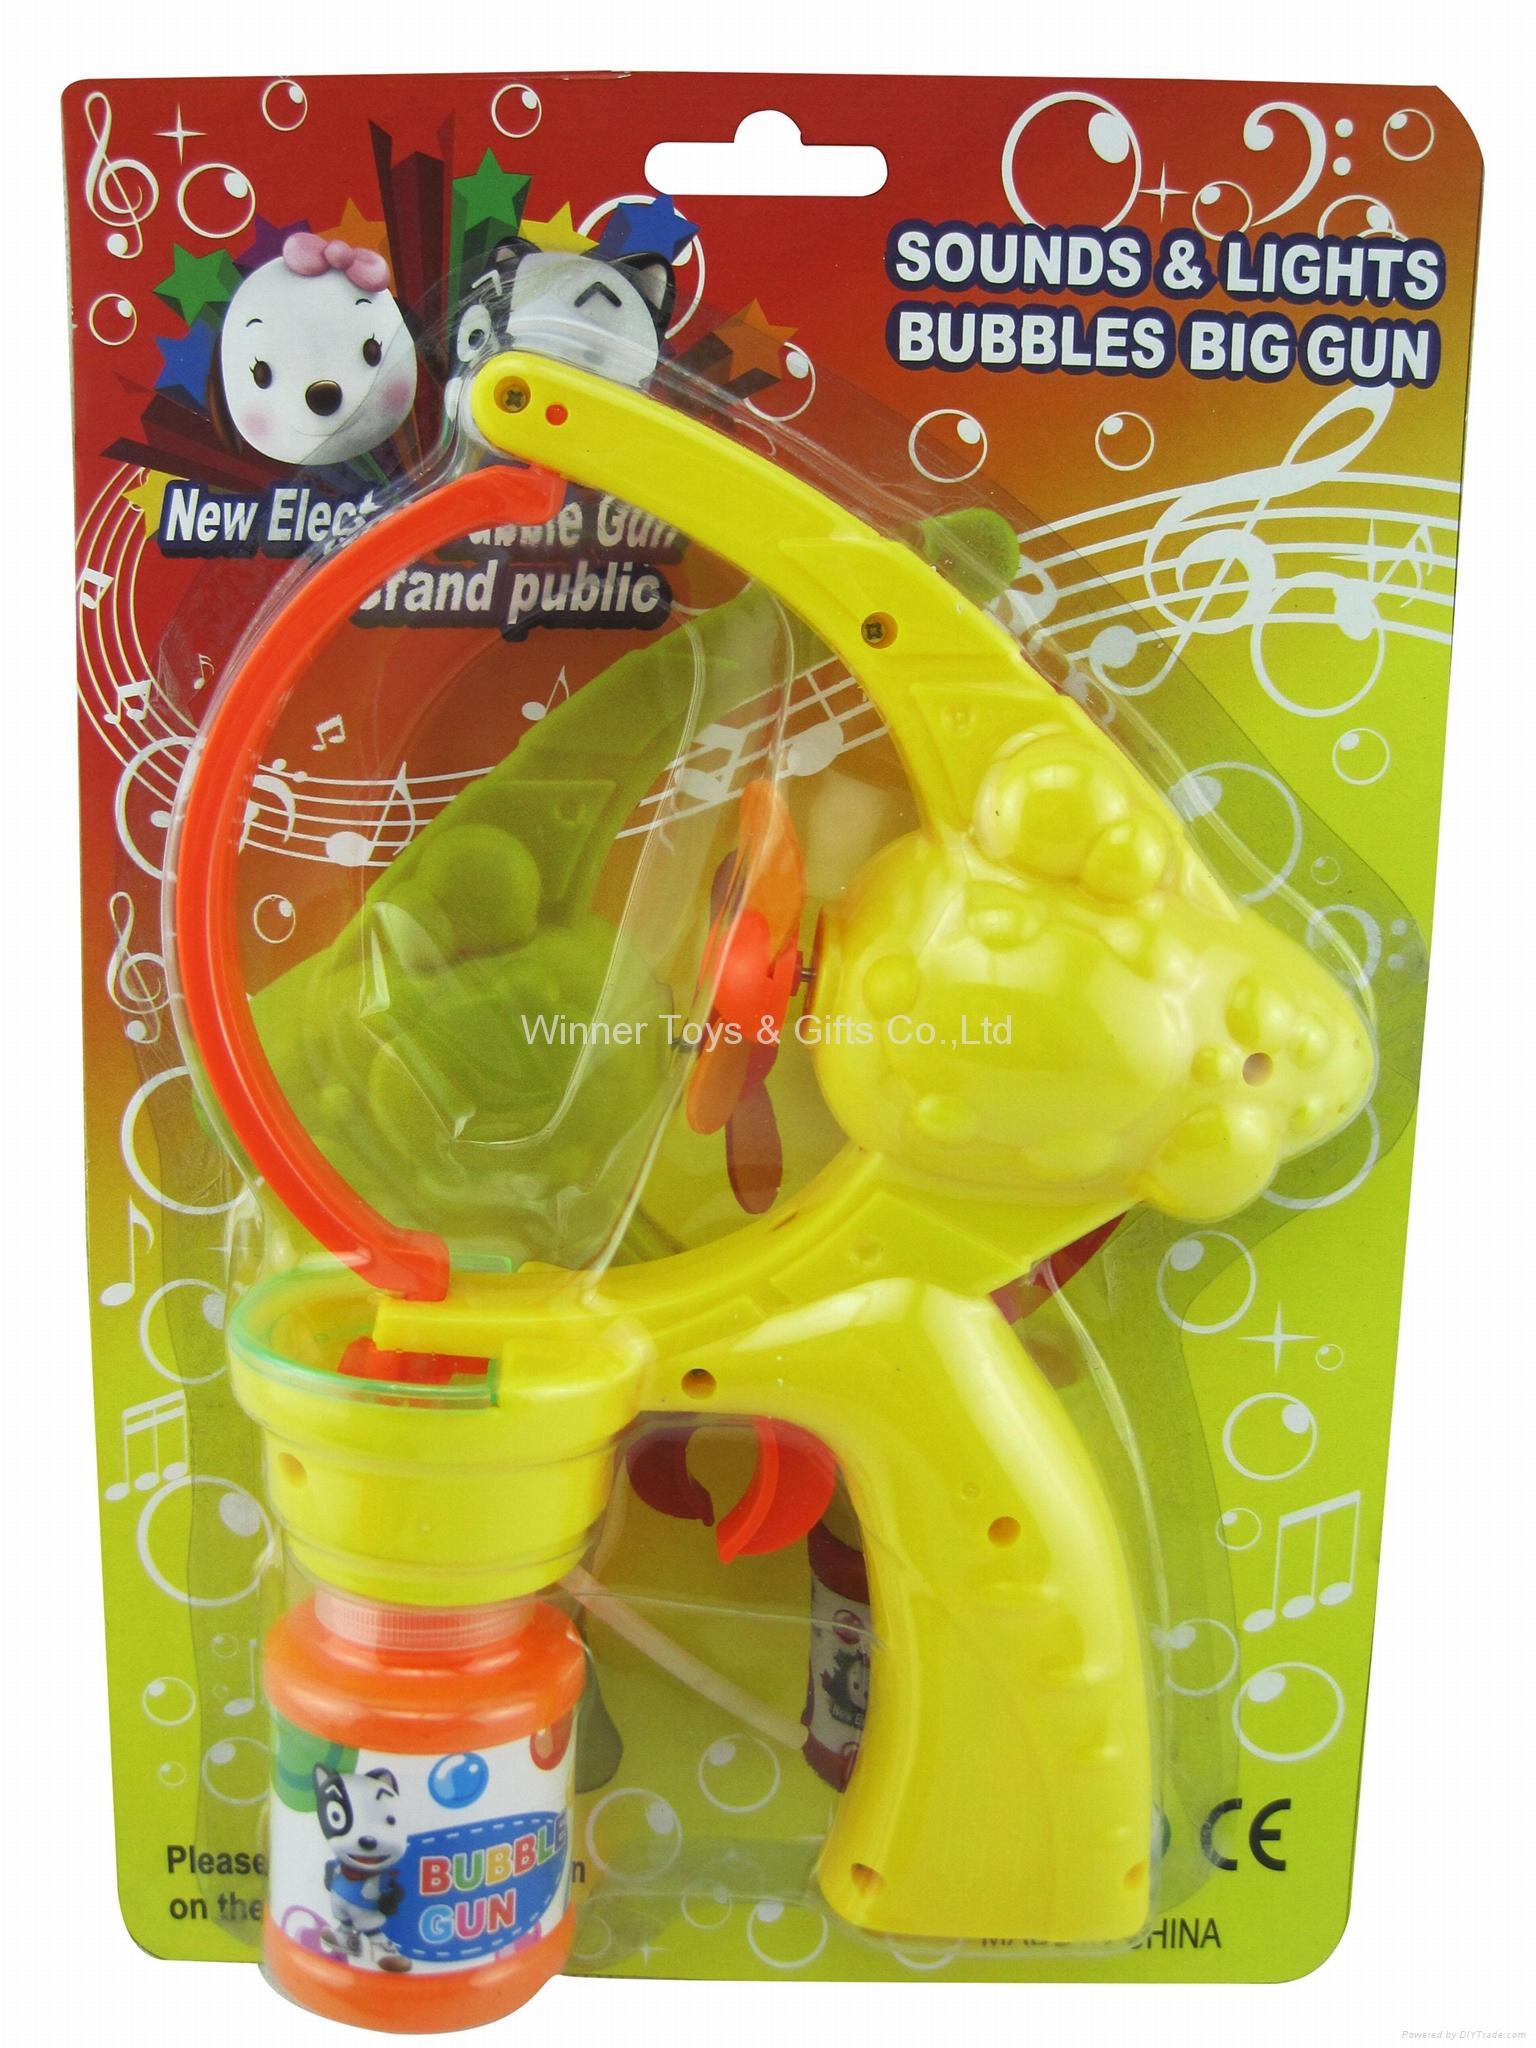 0808 BUBBLE GUN 3